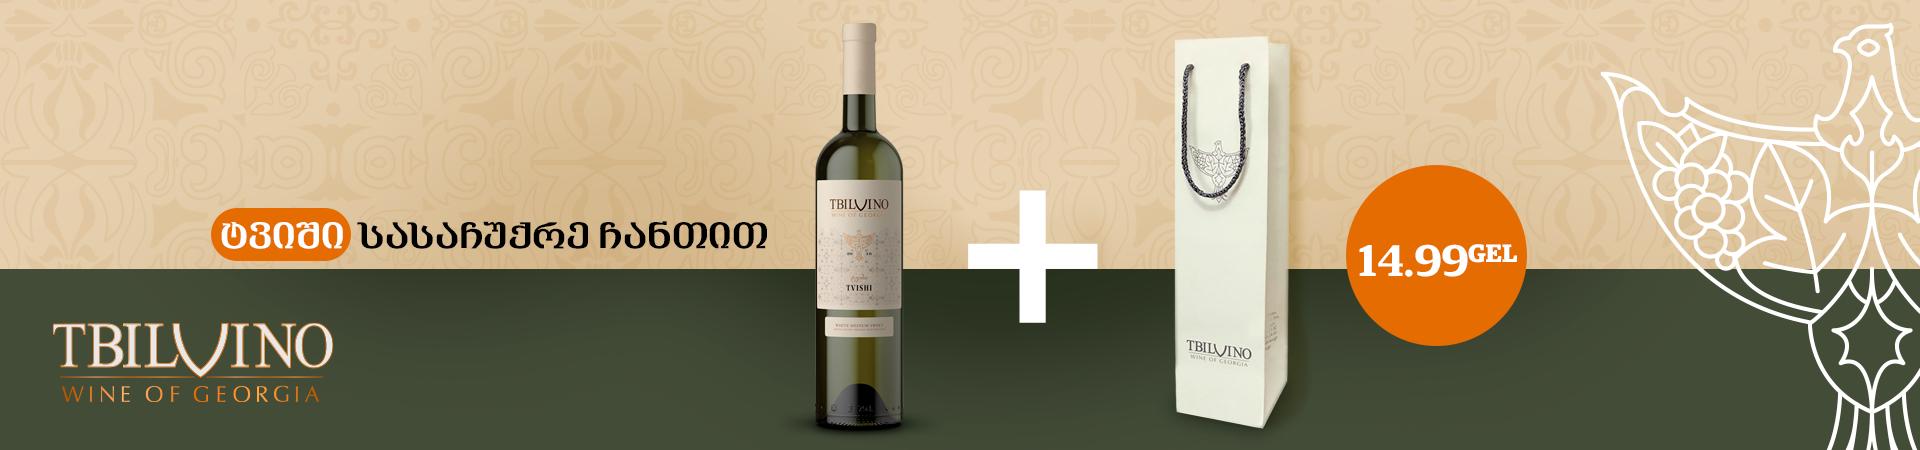 Tbilvino-Tvishi+gift-bag-square-1920X450-Geo